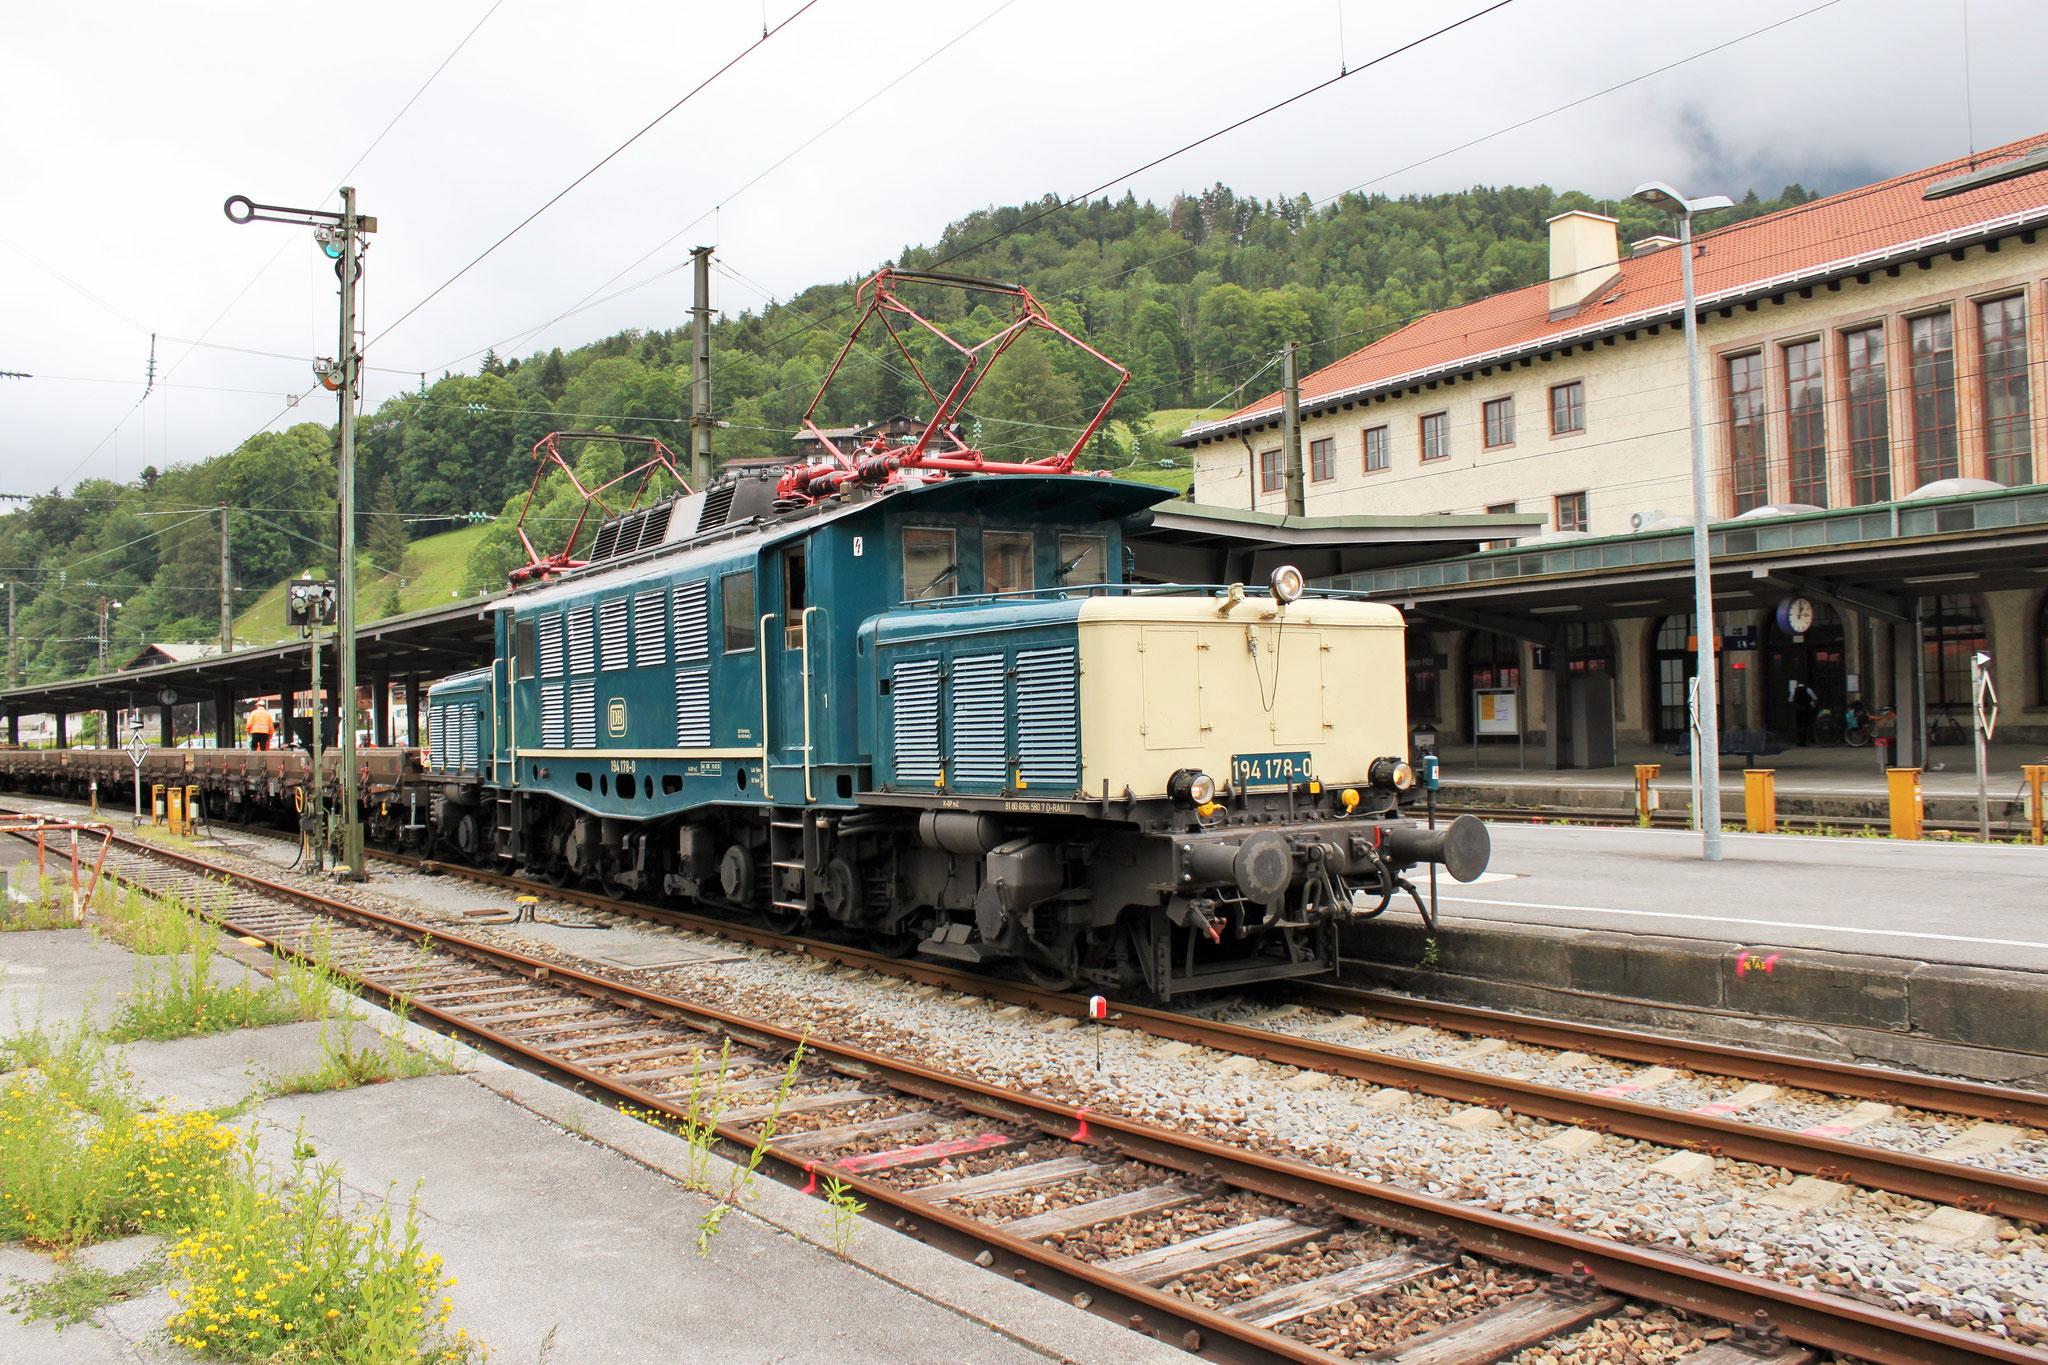 194 178-0 mit einem Bauzug in Berchtesgaden